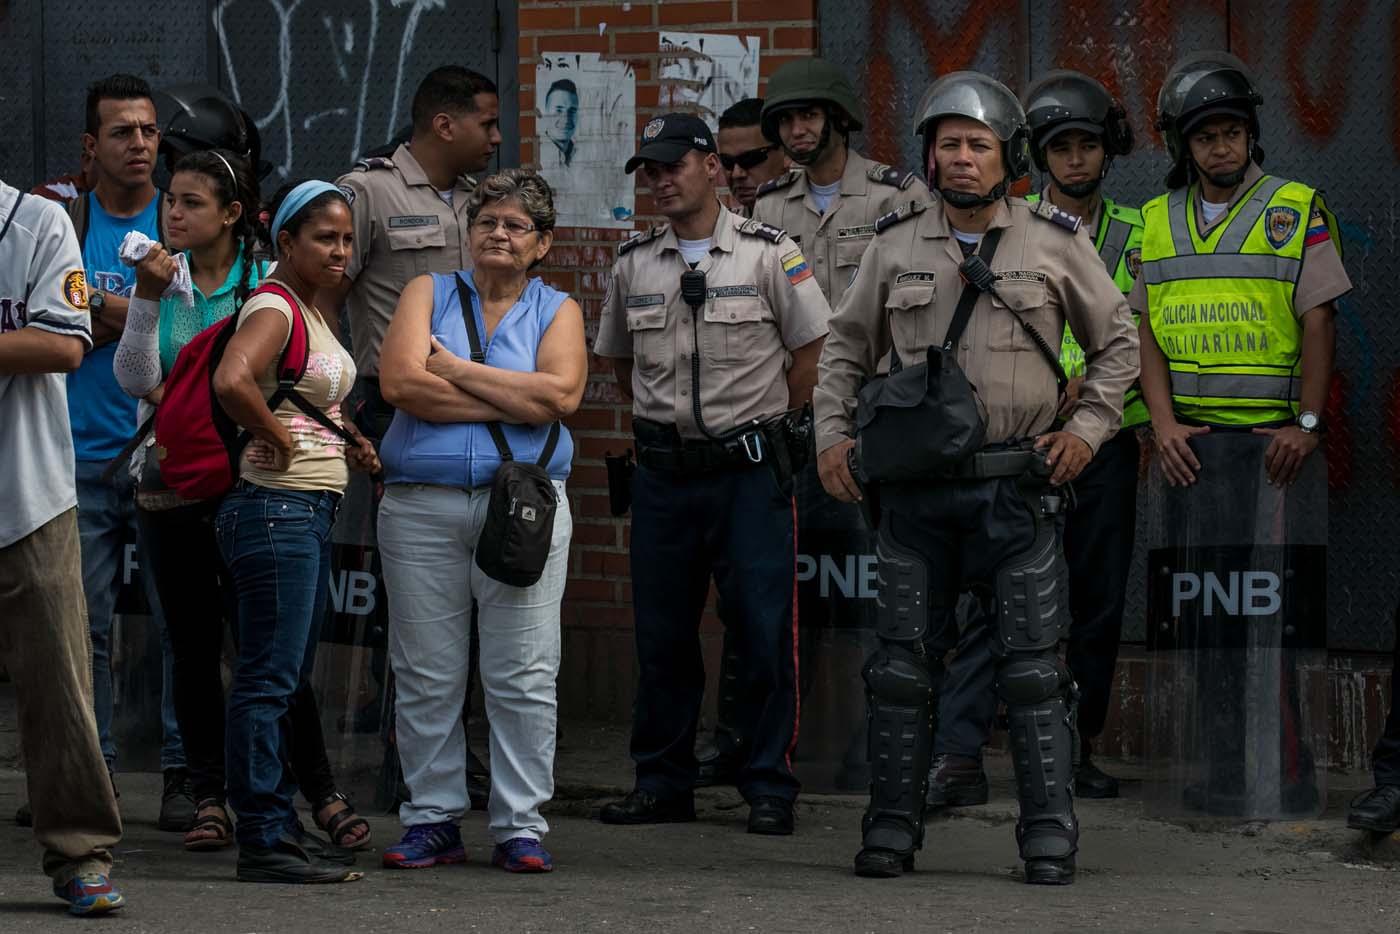 CAR15 - CARACAS (VENEZUELA), 02/06/2017 - Un grupo de personas participa en una manifestación junto a autoridades hoy, viernes 02 de junio de 2017, en Caracas (Venezuela). Los habitantes del populoso barrio de La Vega, ubicado en el oeste de Caracas, madrugaron hoy para protestar por la escasez de alimentos, mientras que las calles aledañas al canal estatal VTV en el este de la ciudad fueron cerradas por organismos de seguridad para evitar la llegada de manifestantes. EFE/MIGUEL GUTIÉRREZ